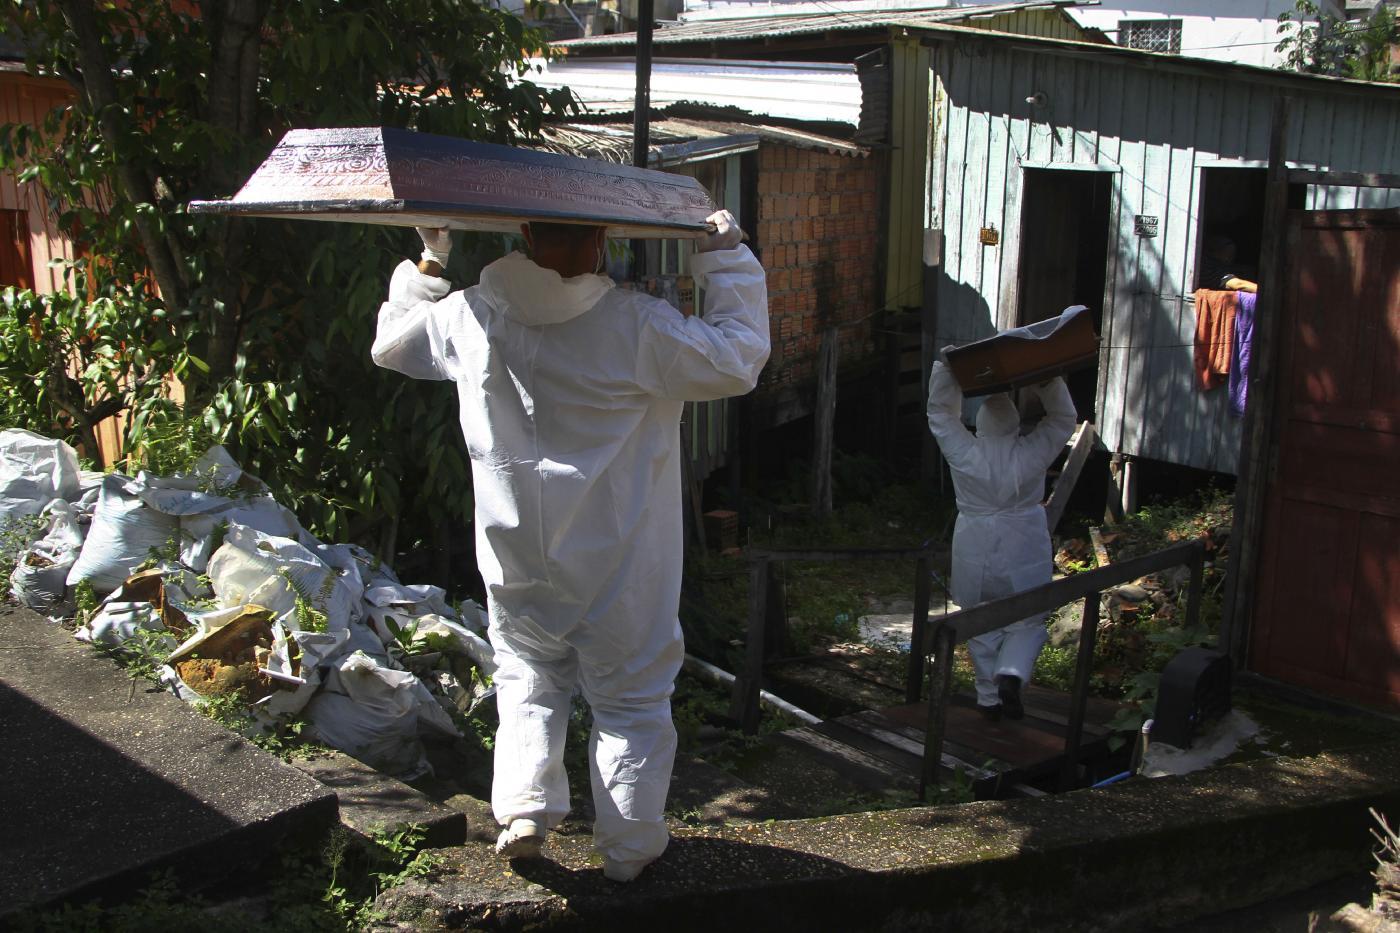 Emergenza Coronavirus, ospedali al collasso in Brasile: aumenta il numero dei decessi in casa